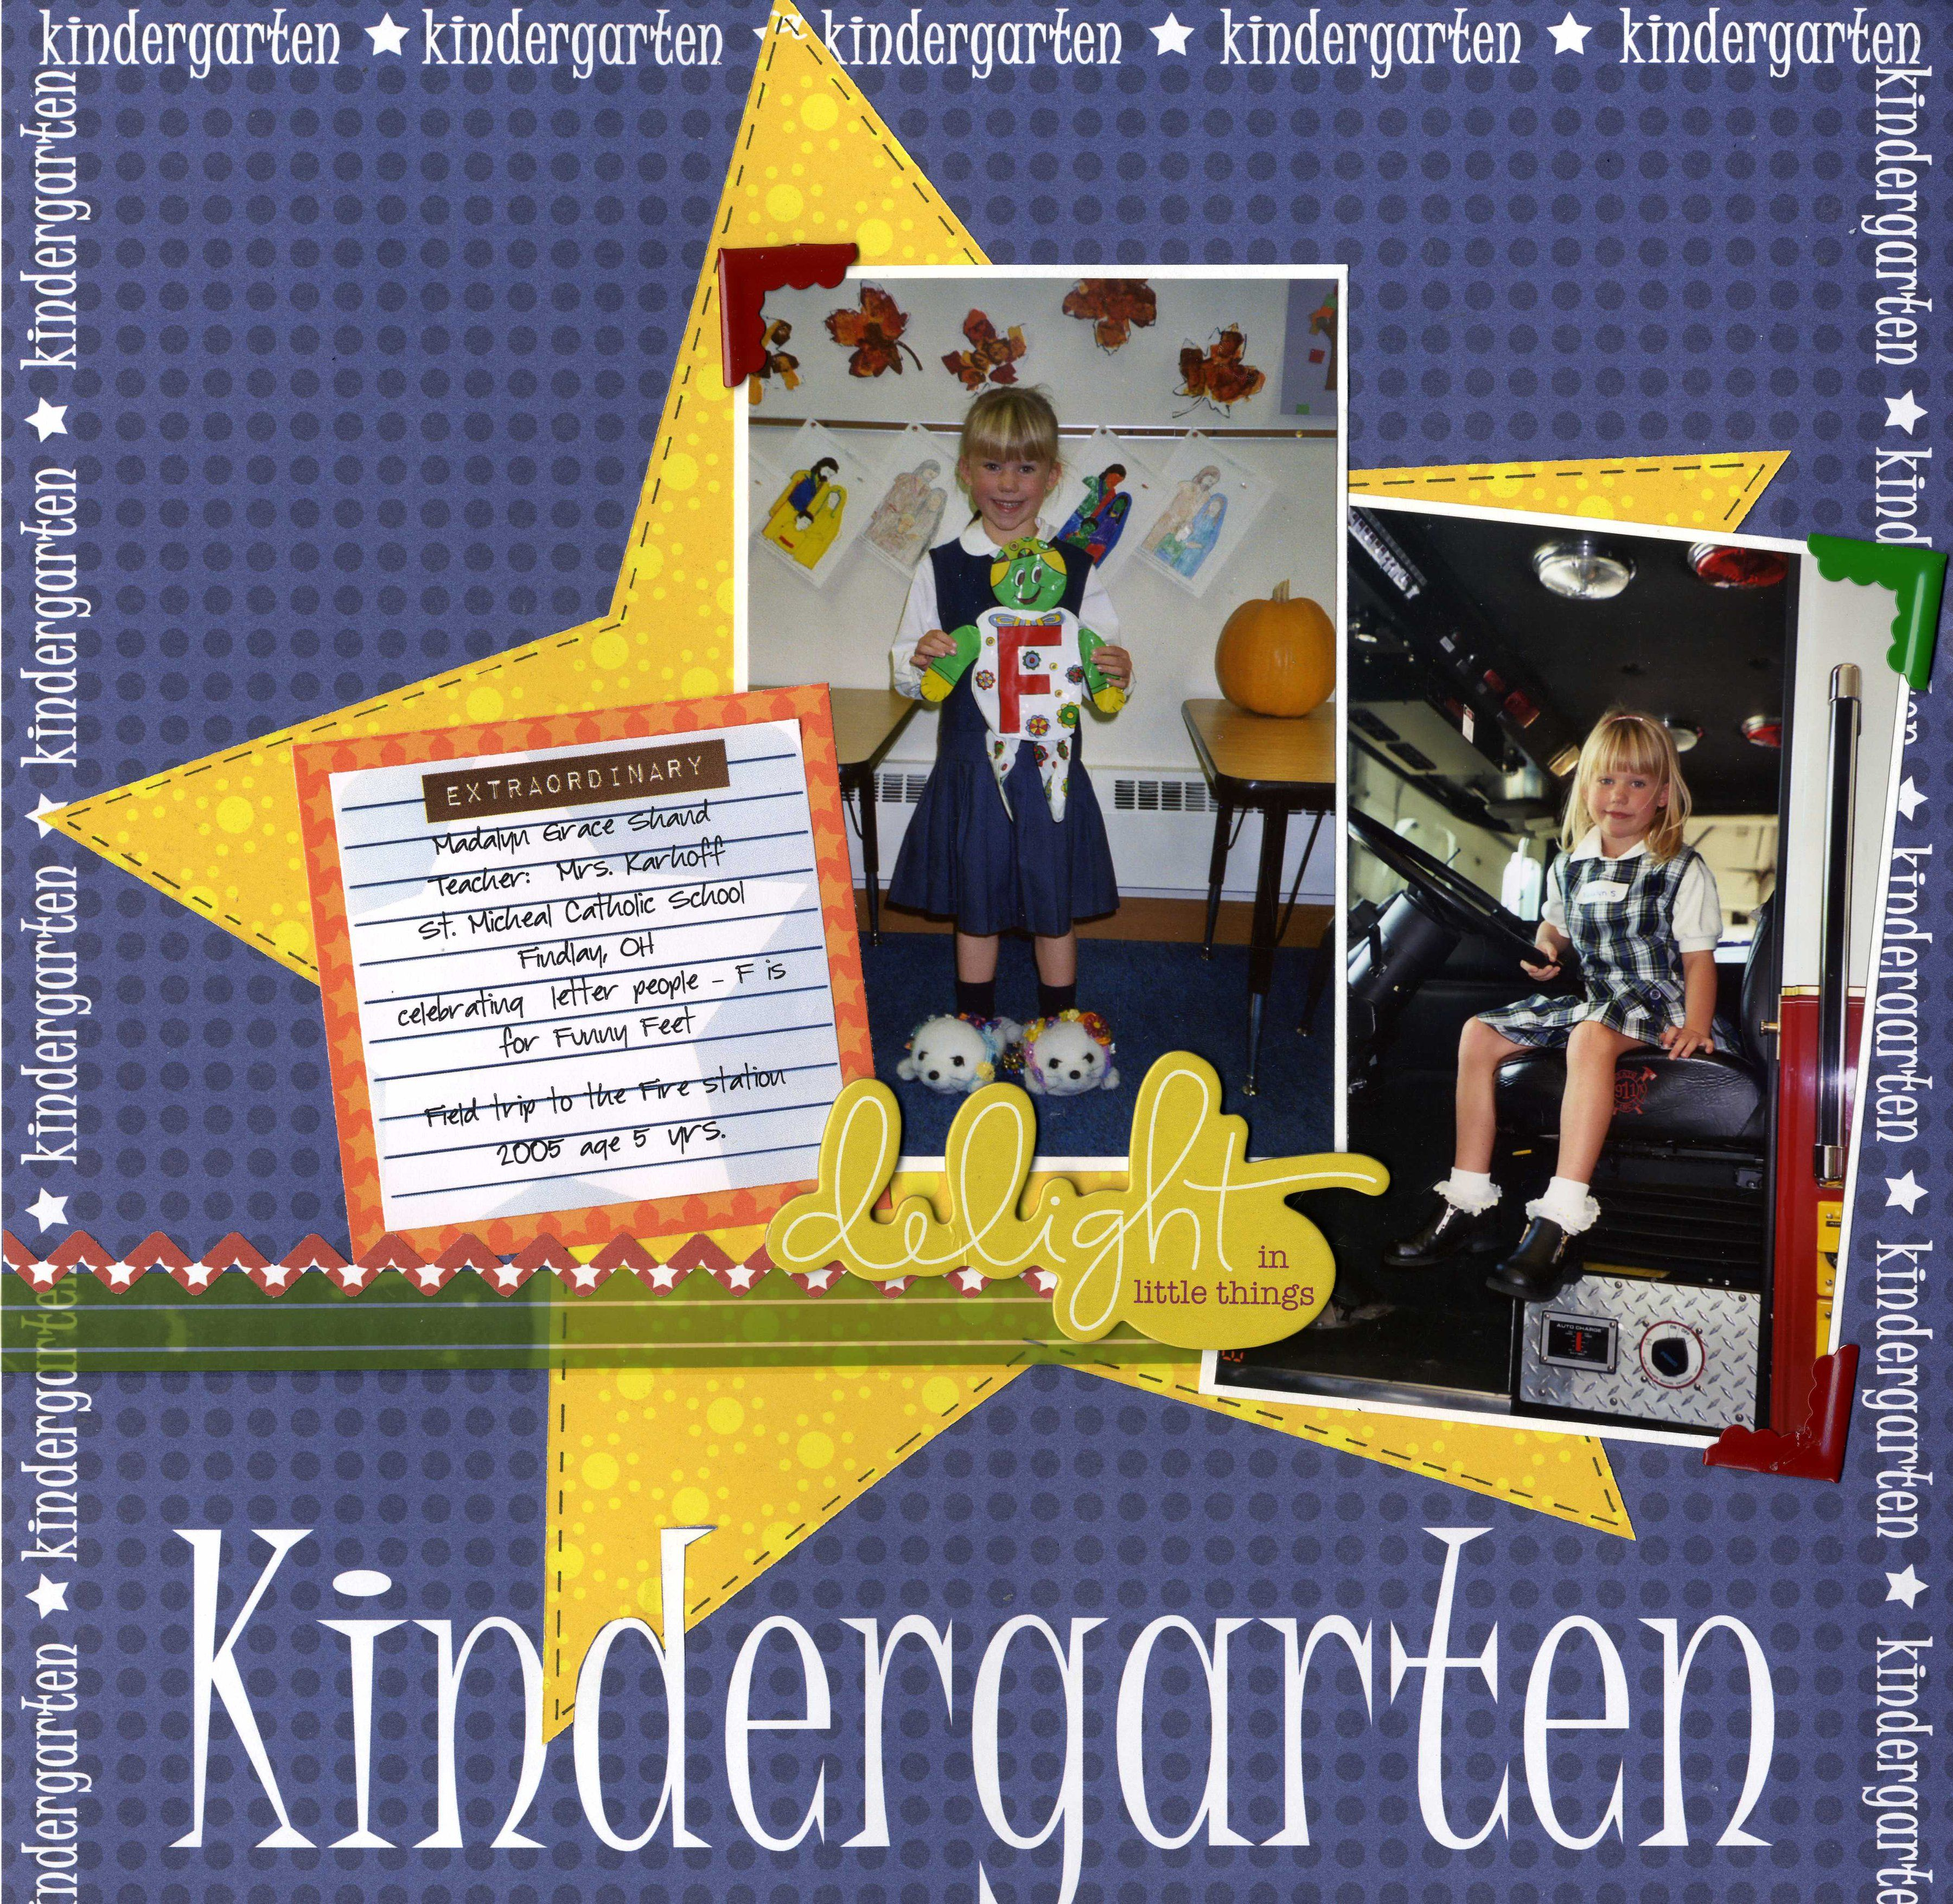 Scrapbook ideas kindergarten - Kindergarten Scrapbook Com